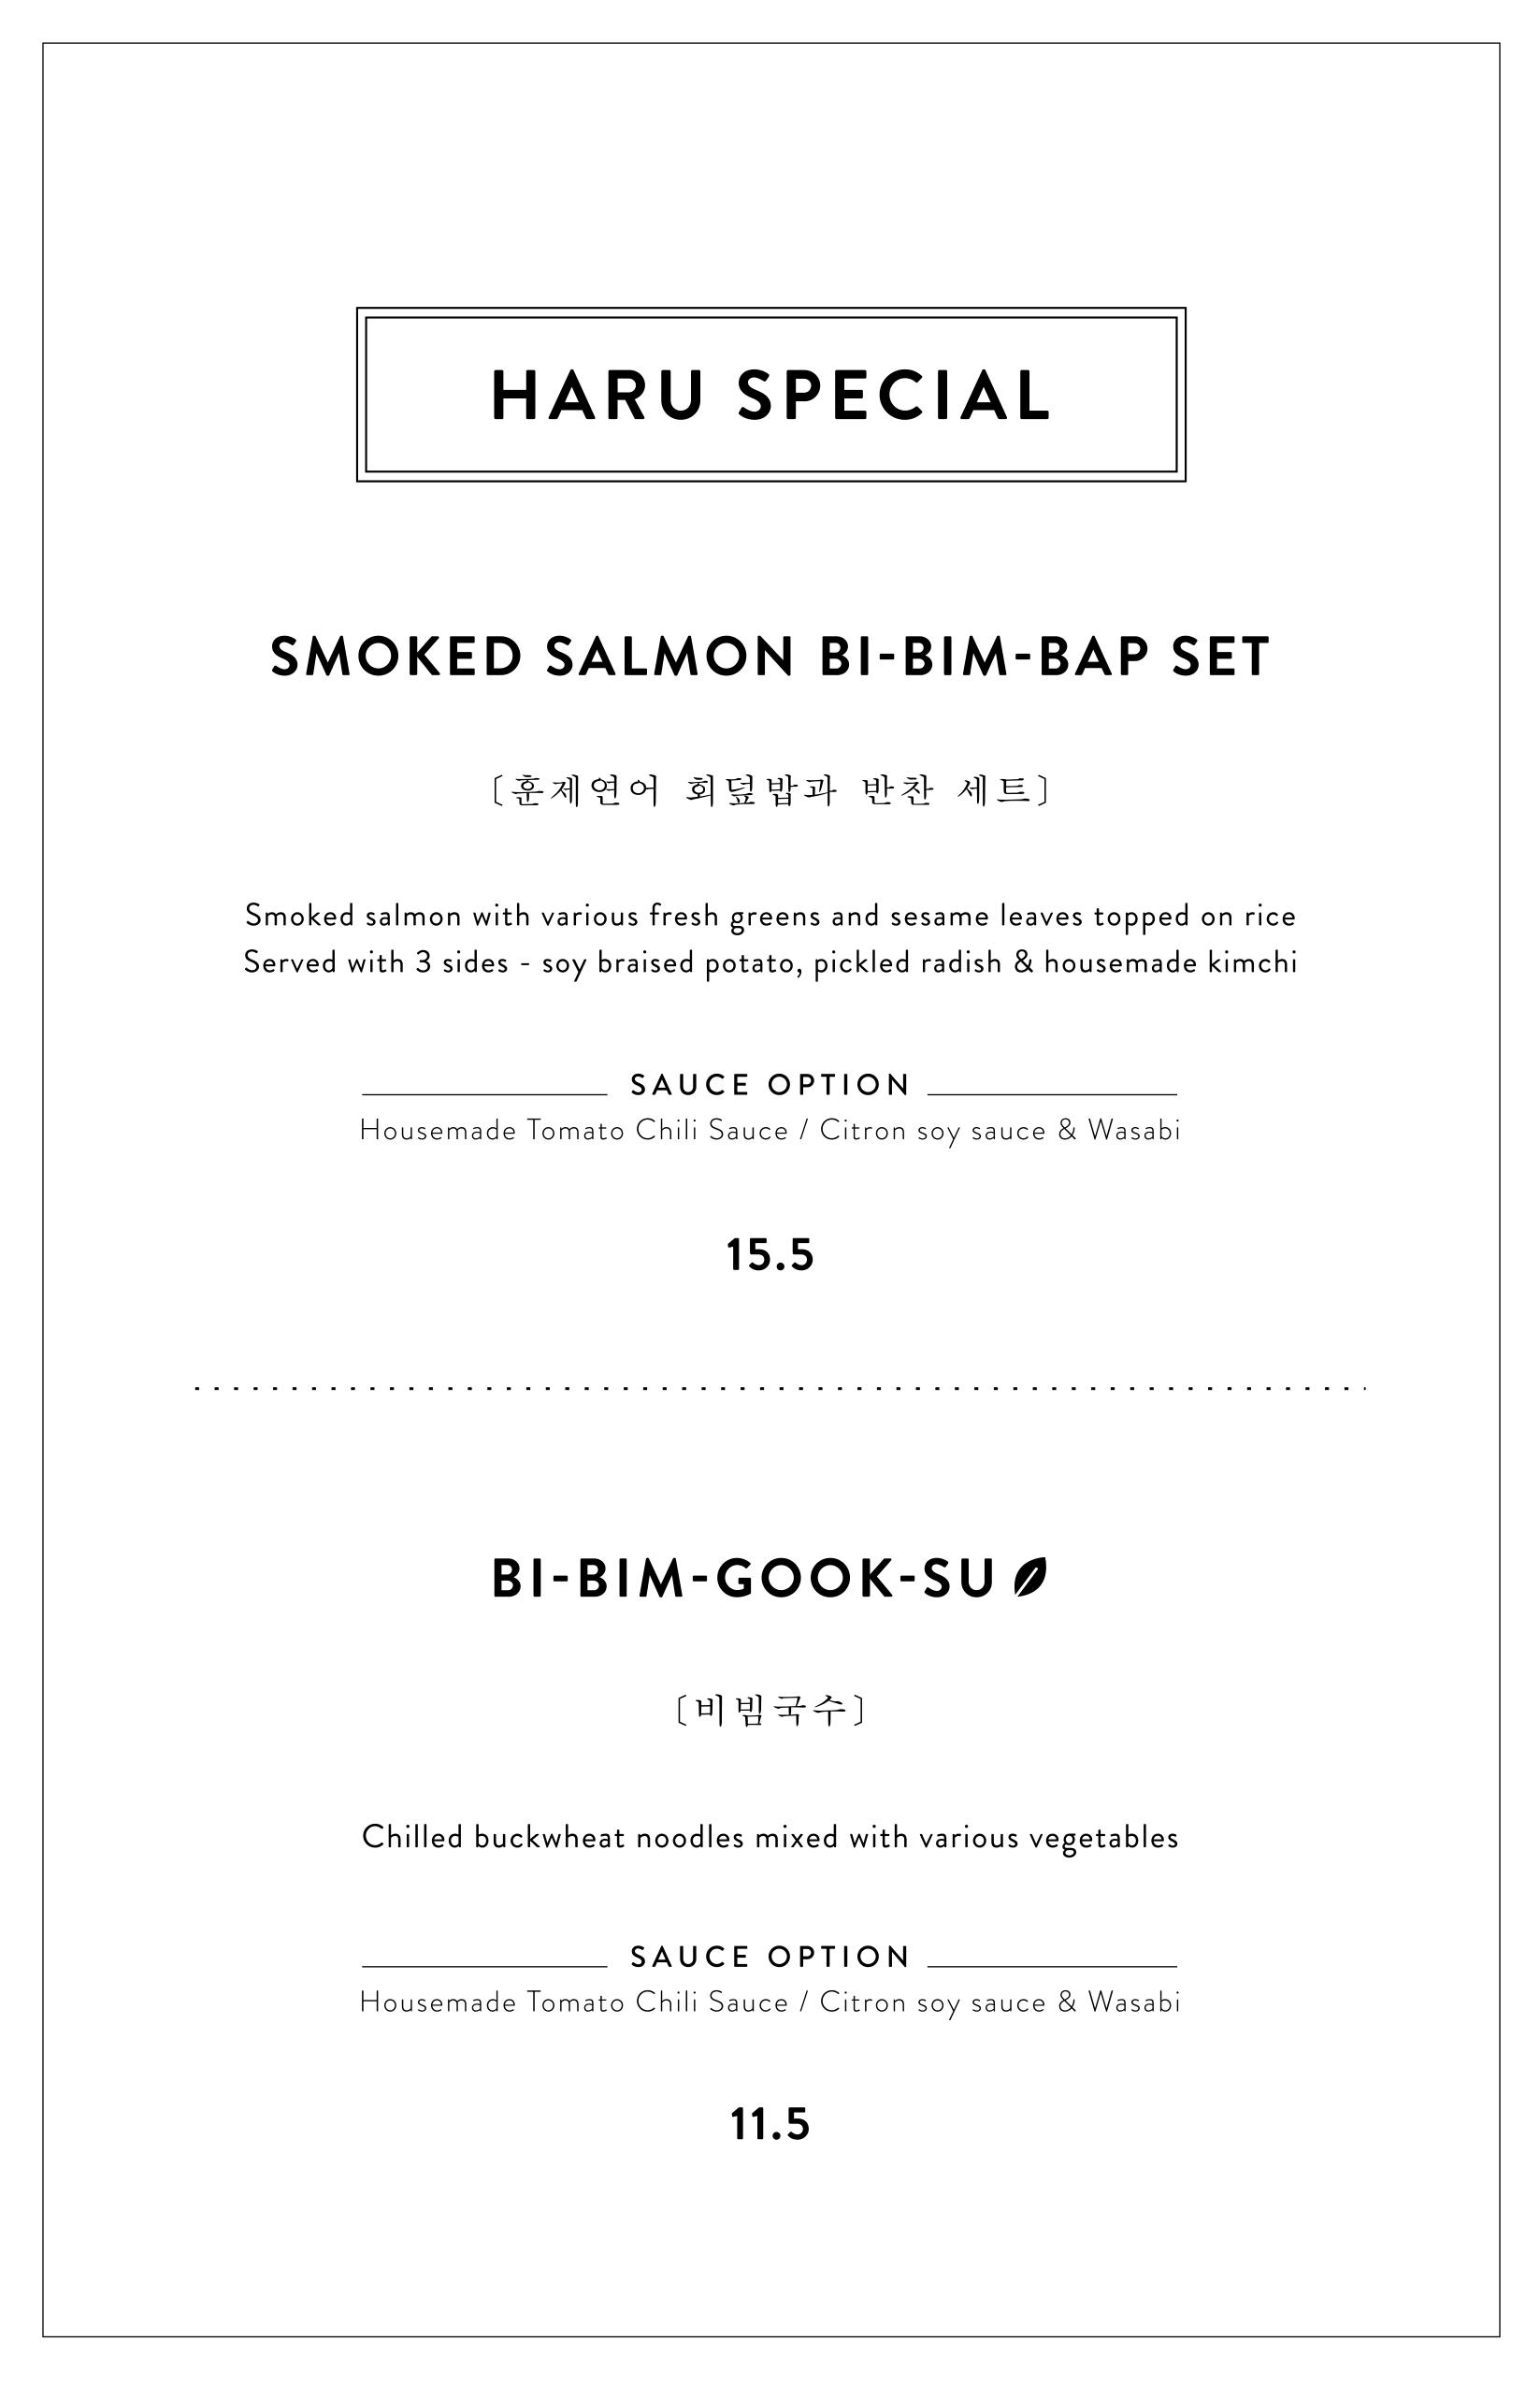 smoked_salmon_menu.jpg